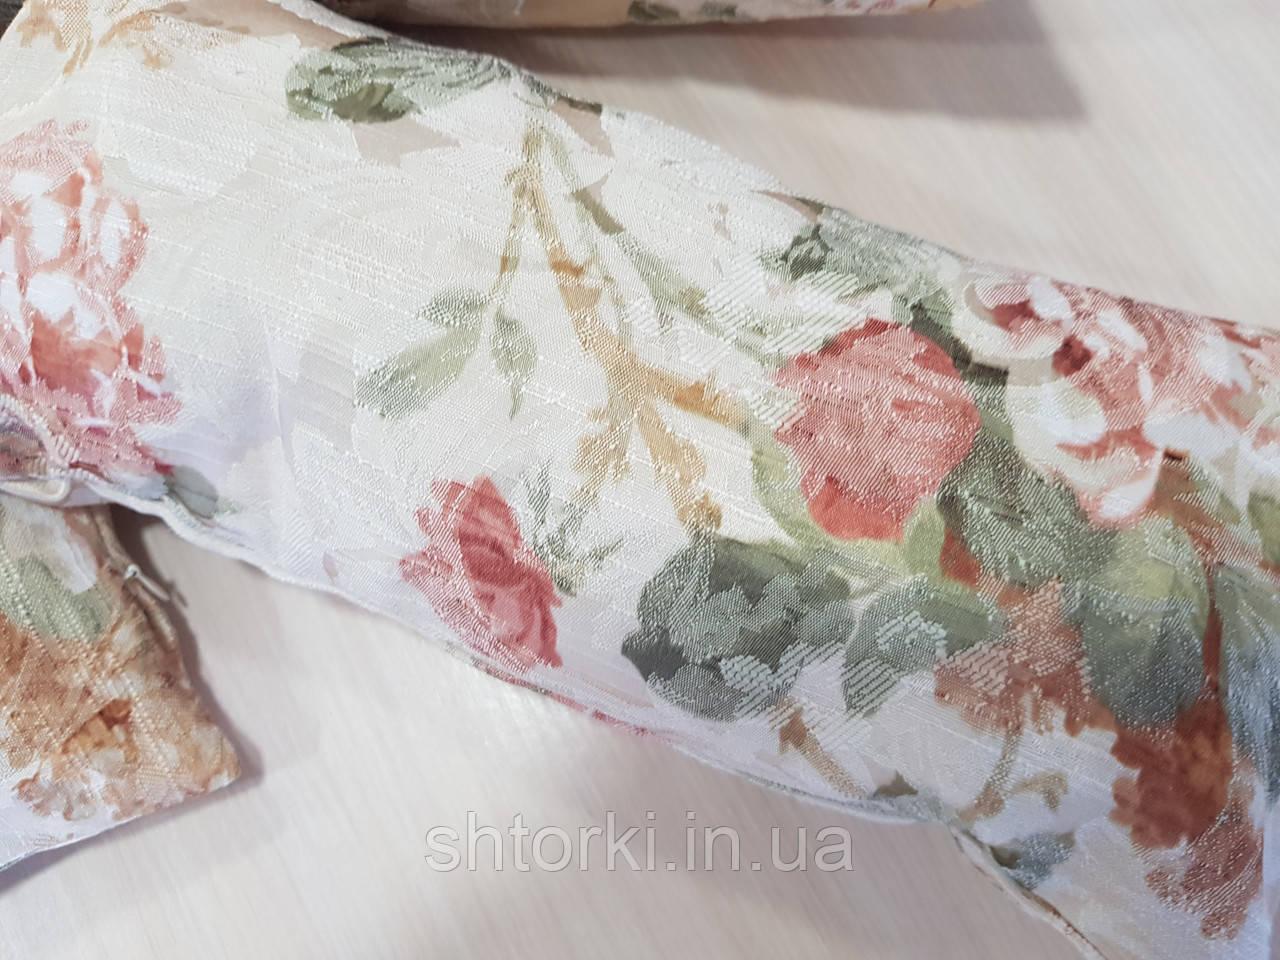 Комплект подушек  Розочки на ткани, 3шт